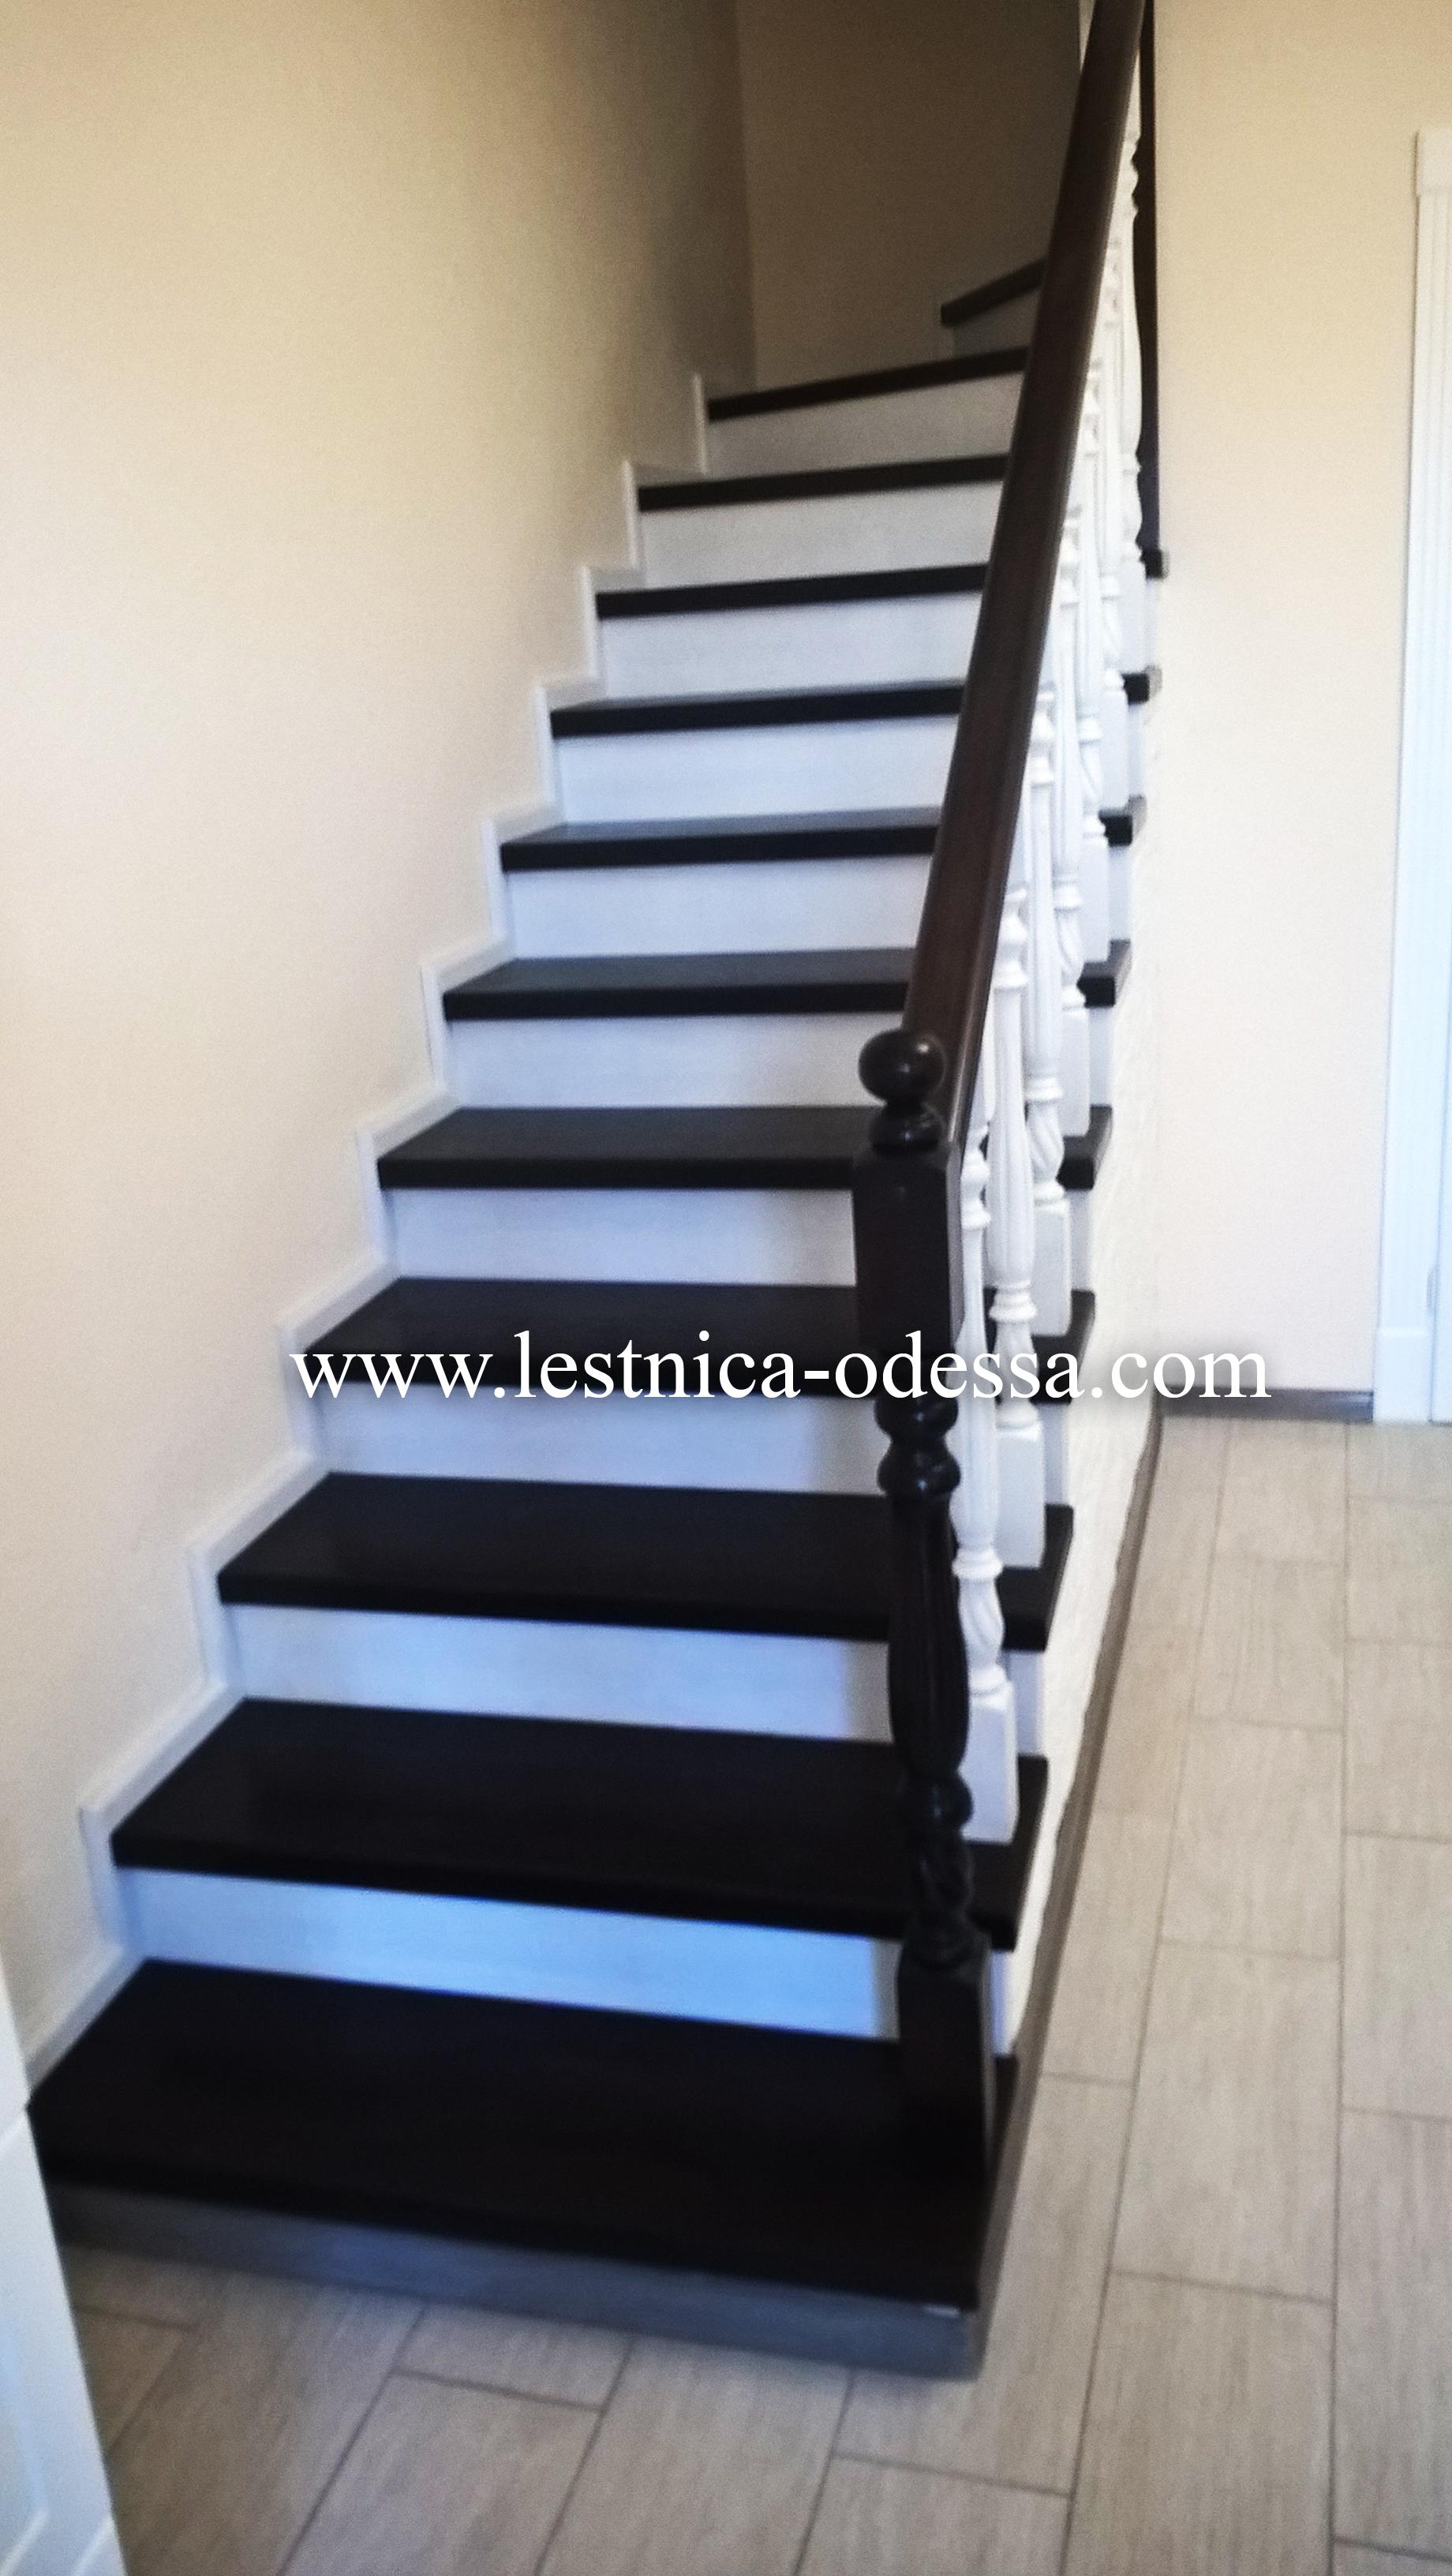 Эвакуационные лестницы наружные: типы, требования и цена